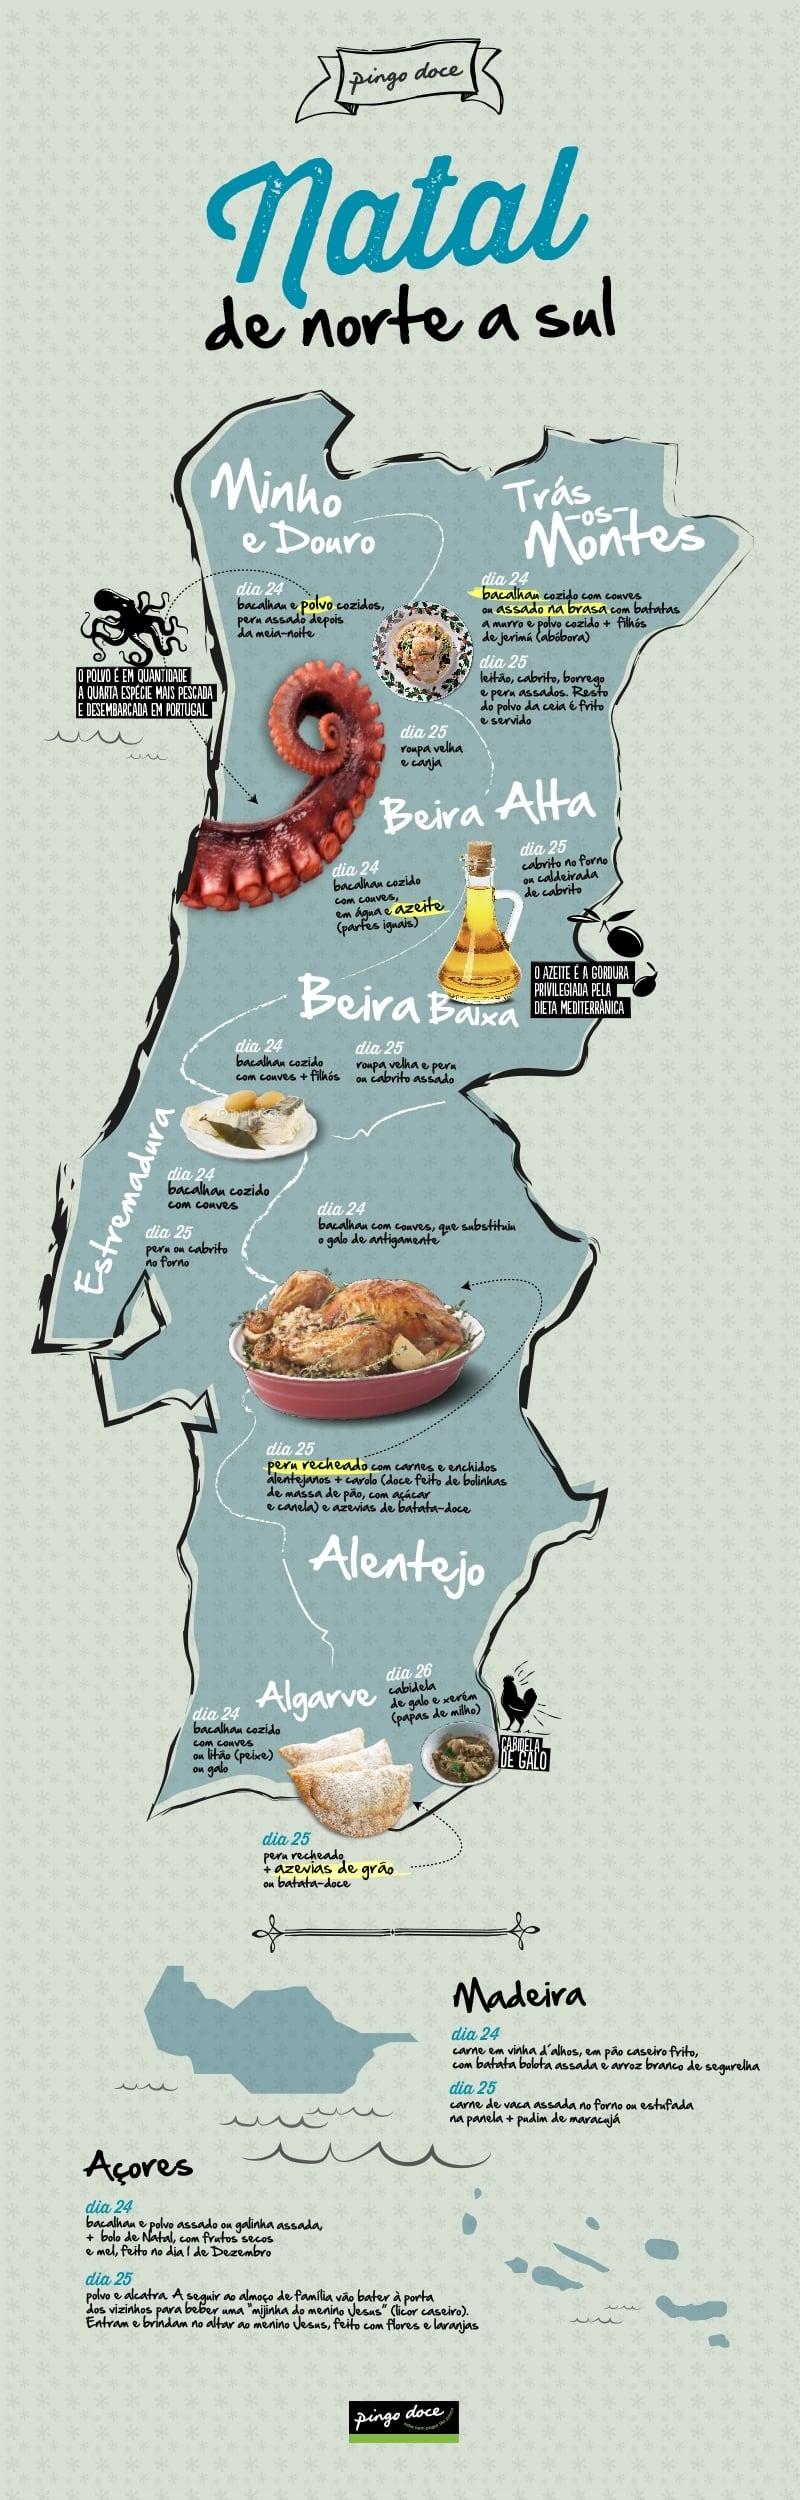 Tradicoes-de-Natal-Portugal-Norte-a-Sul-Madeira-Acores